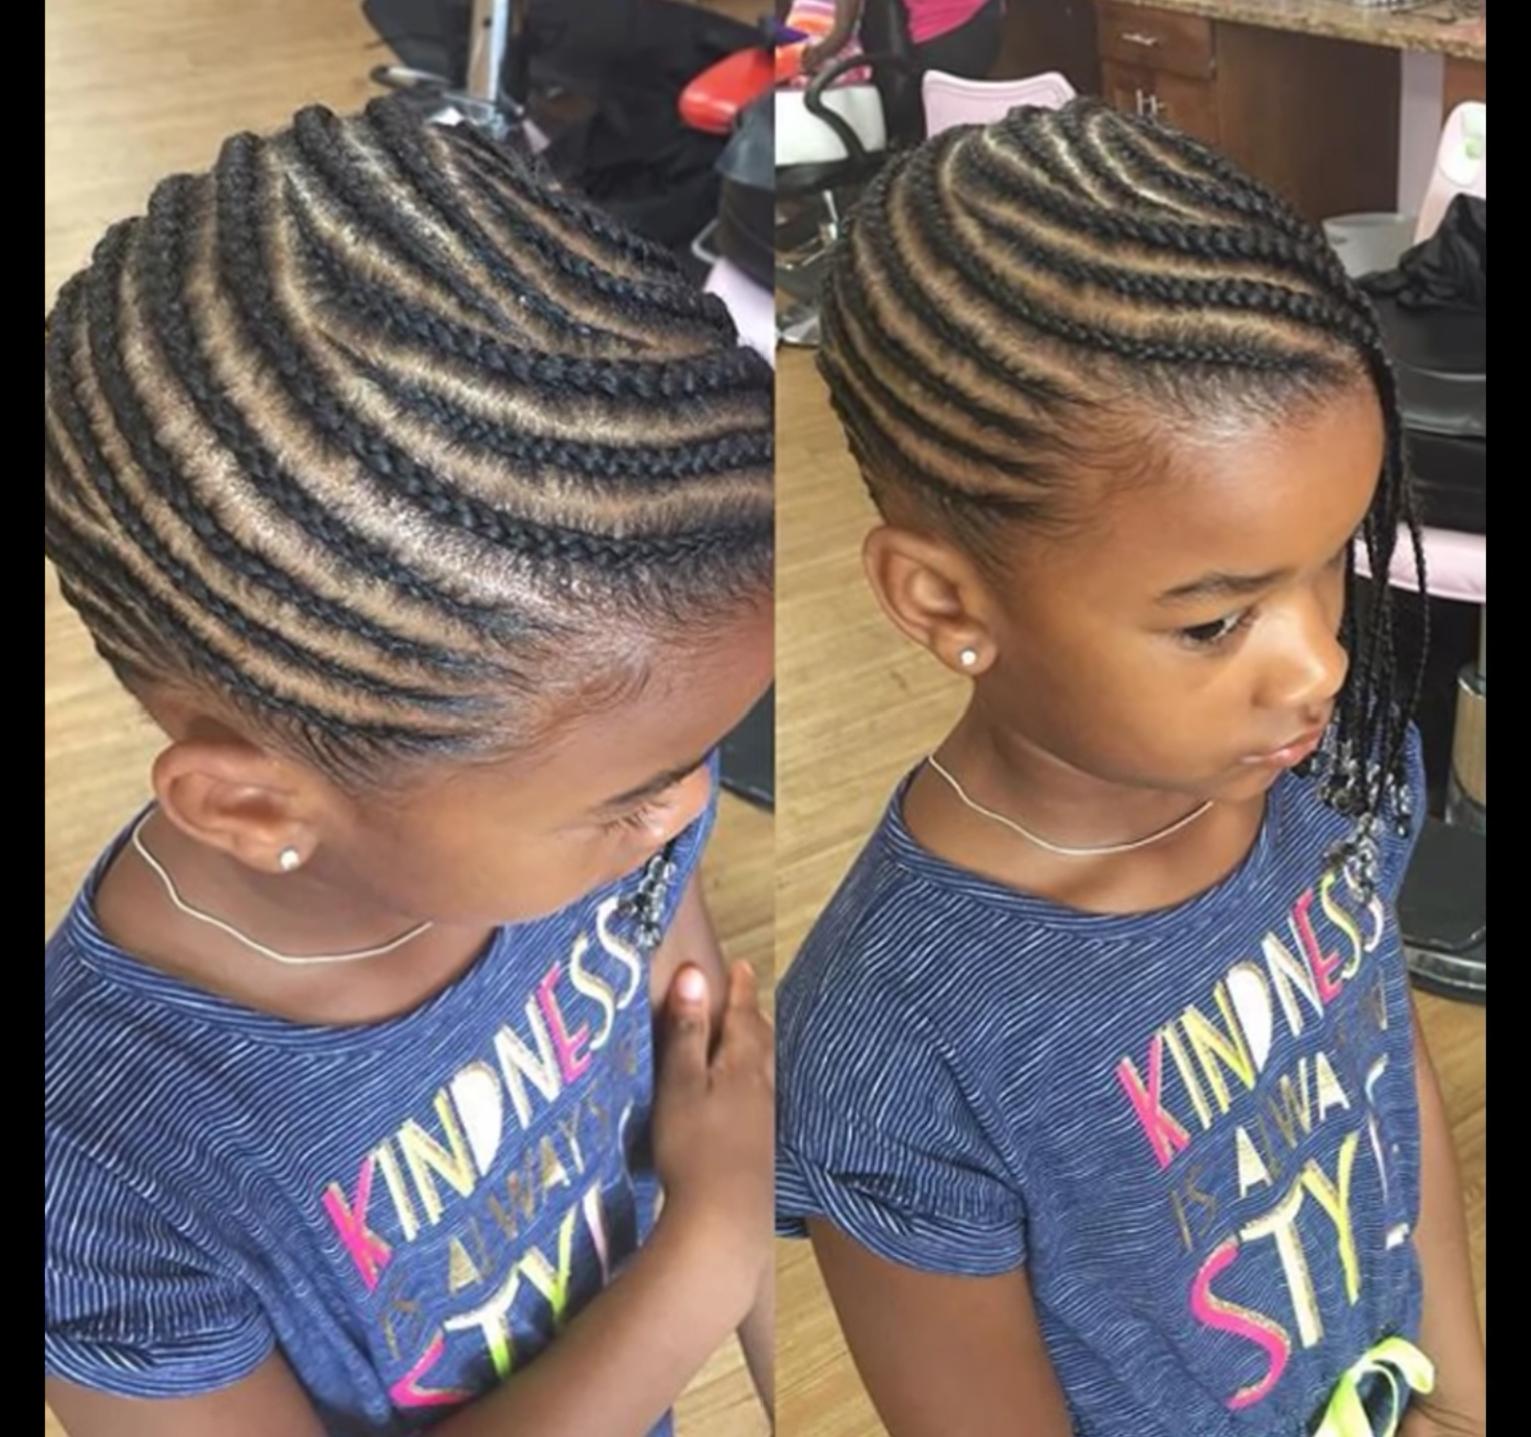 Pin By Bukola Onigbinde On Queensdelighthair Kids Hairstyles Hair Styles Black Kids Braids Hairstyles